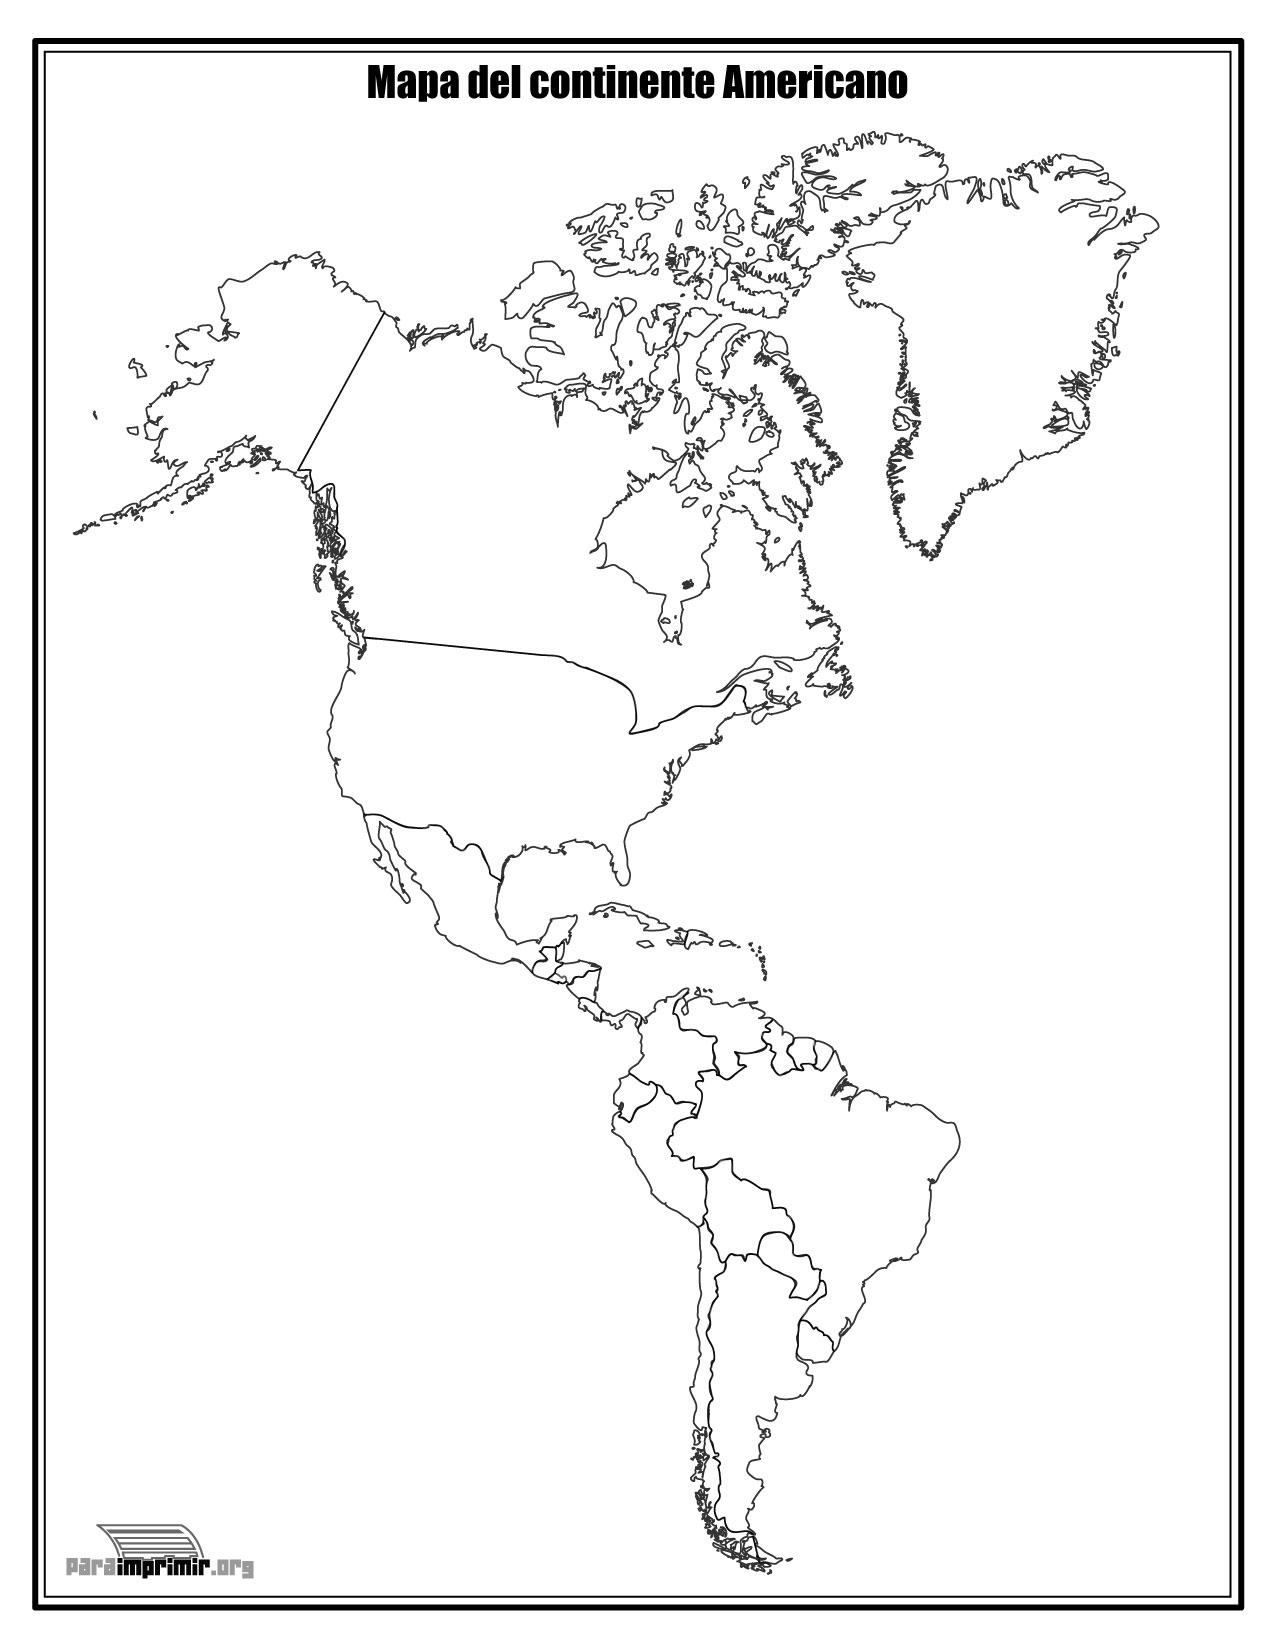 Mapa del continente Americano sin nombres para imprimir